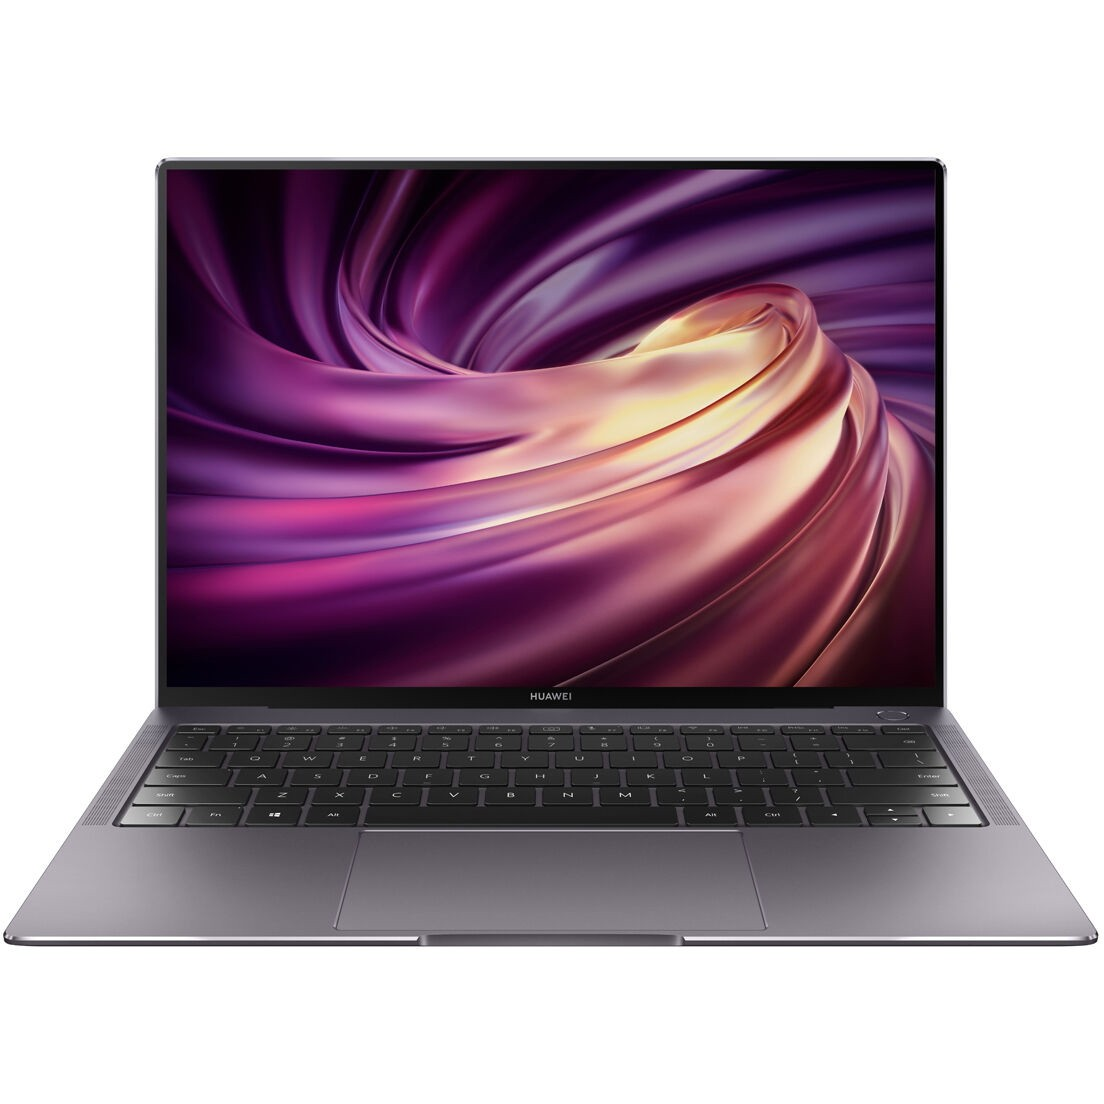 Huawei выпустила легкие и мощные ноутбуки matebook ► последние новости